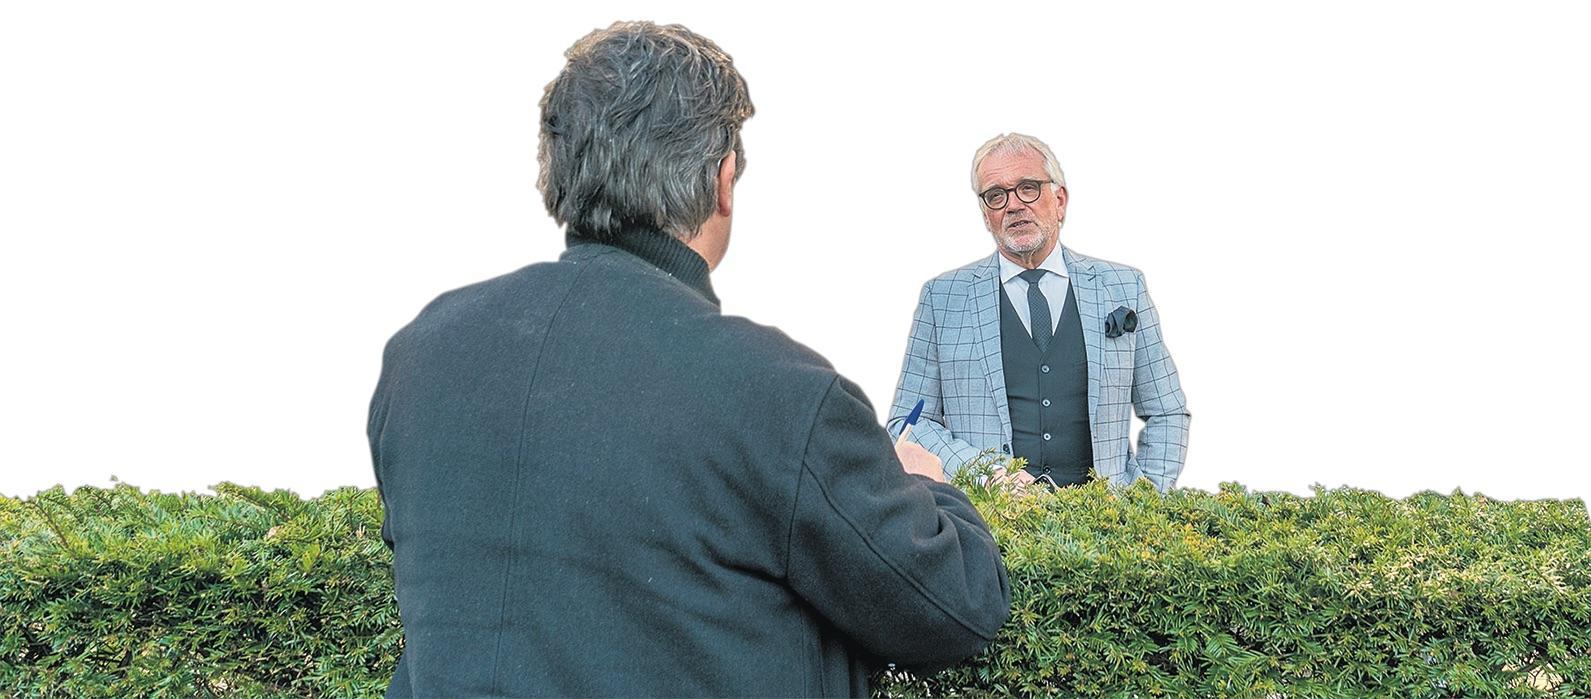 Burgemeester Bruinooge van Alkmaar gaat wel persoonlijk feliciteren, maar lintjes speldt hij later pas op